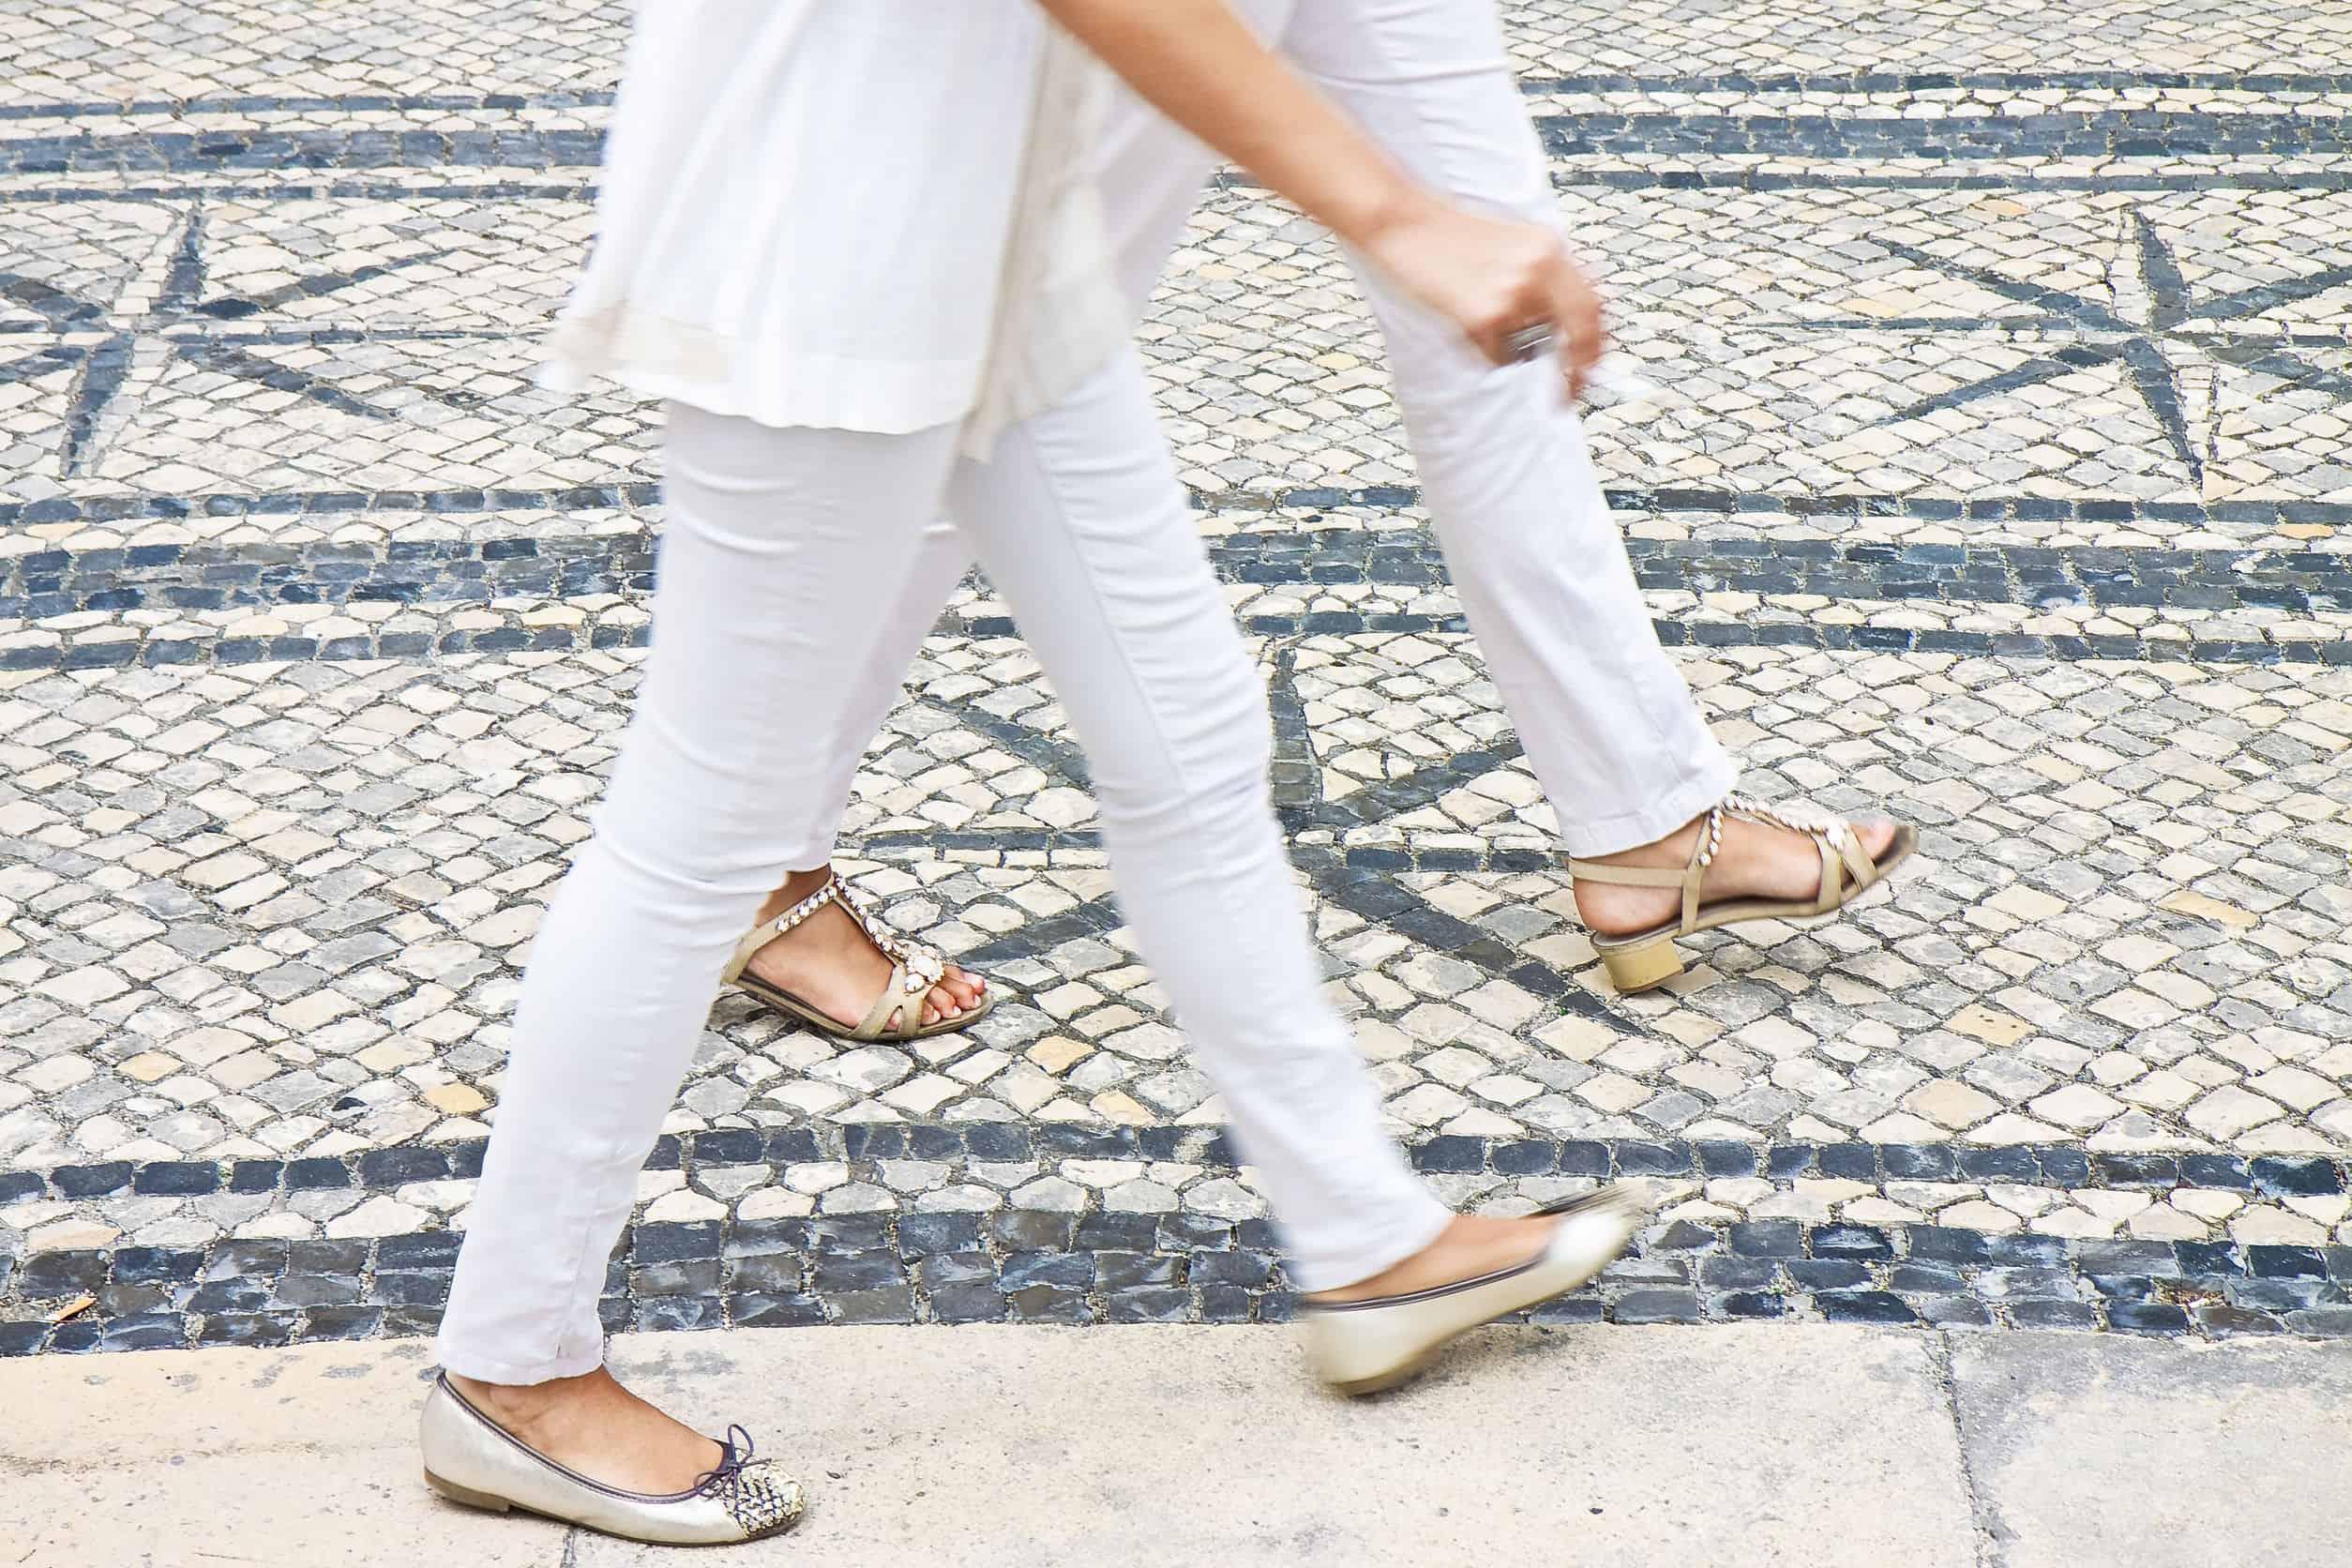 Pantalones Para Vestir De Mujer Cuales Son Los Mejores Del 2021 Zonadamas